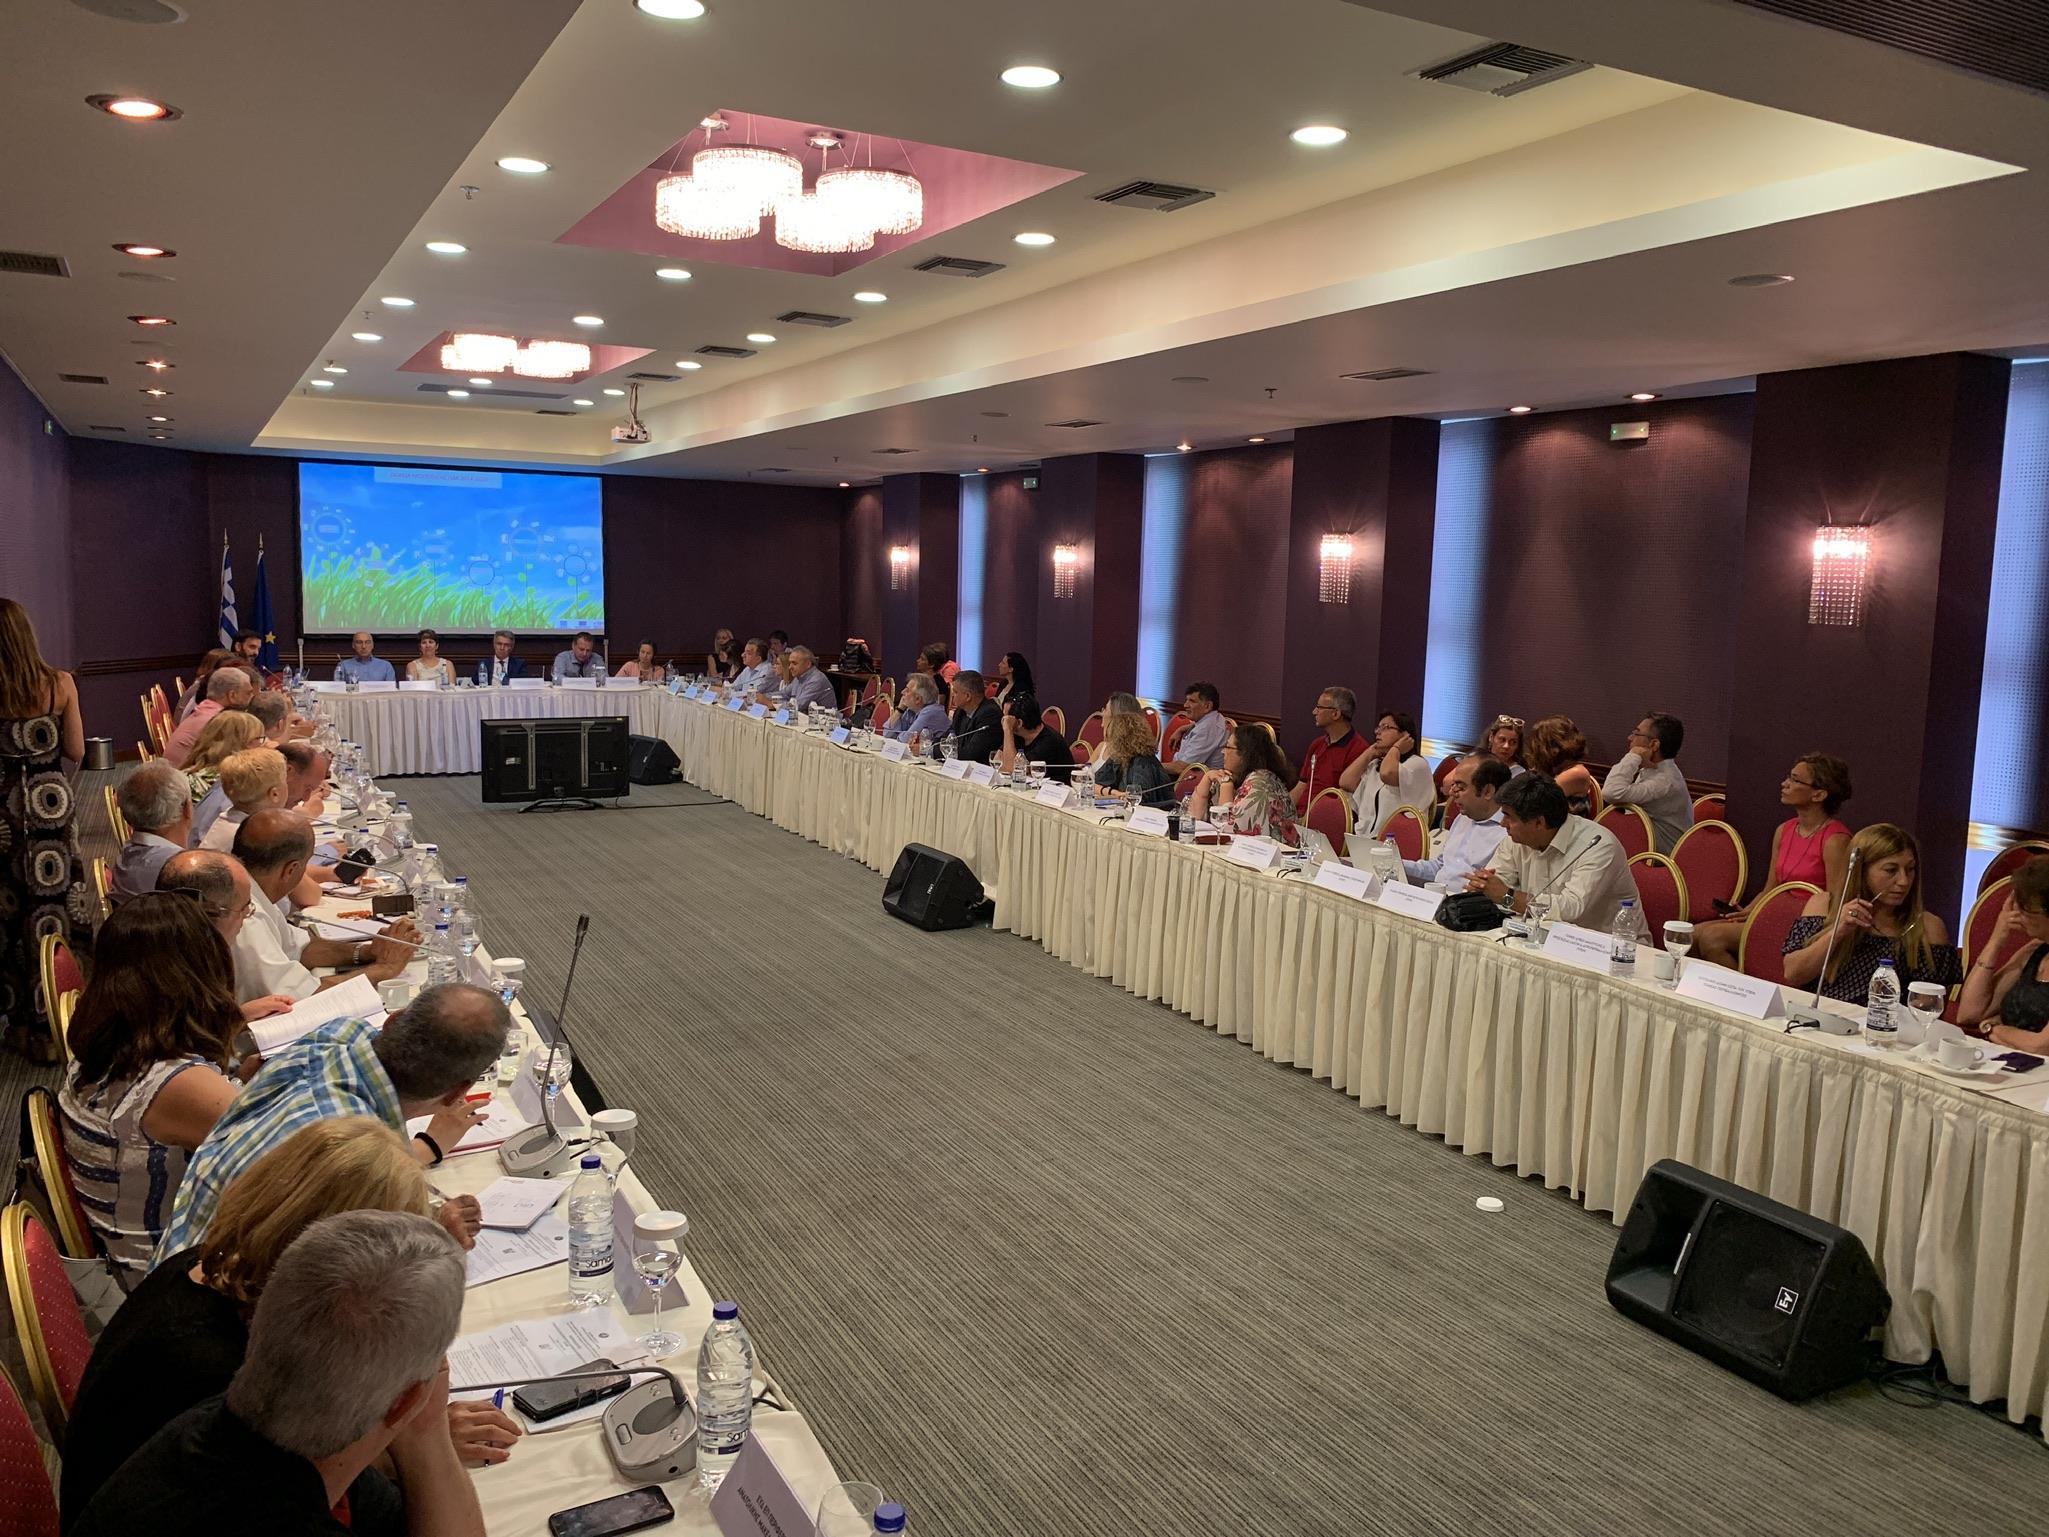 IMG_0002 Συνεδρίαση για την αγροτική ανάπτυξη στα Χανιά